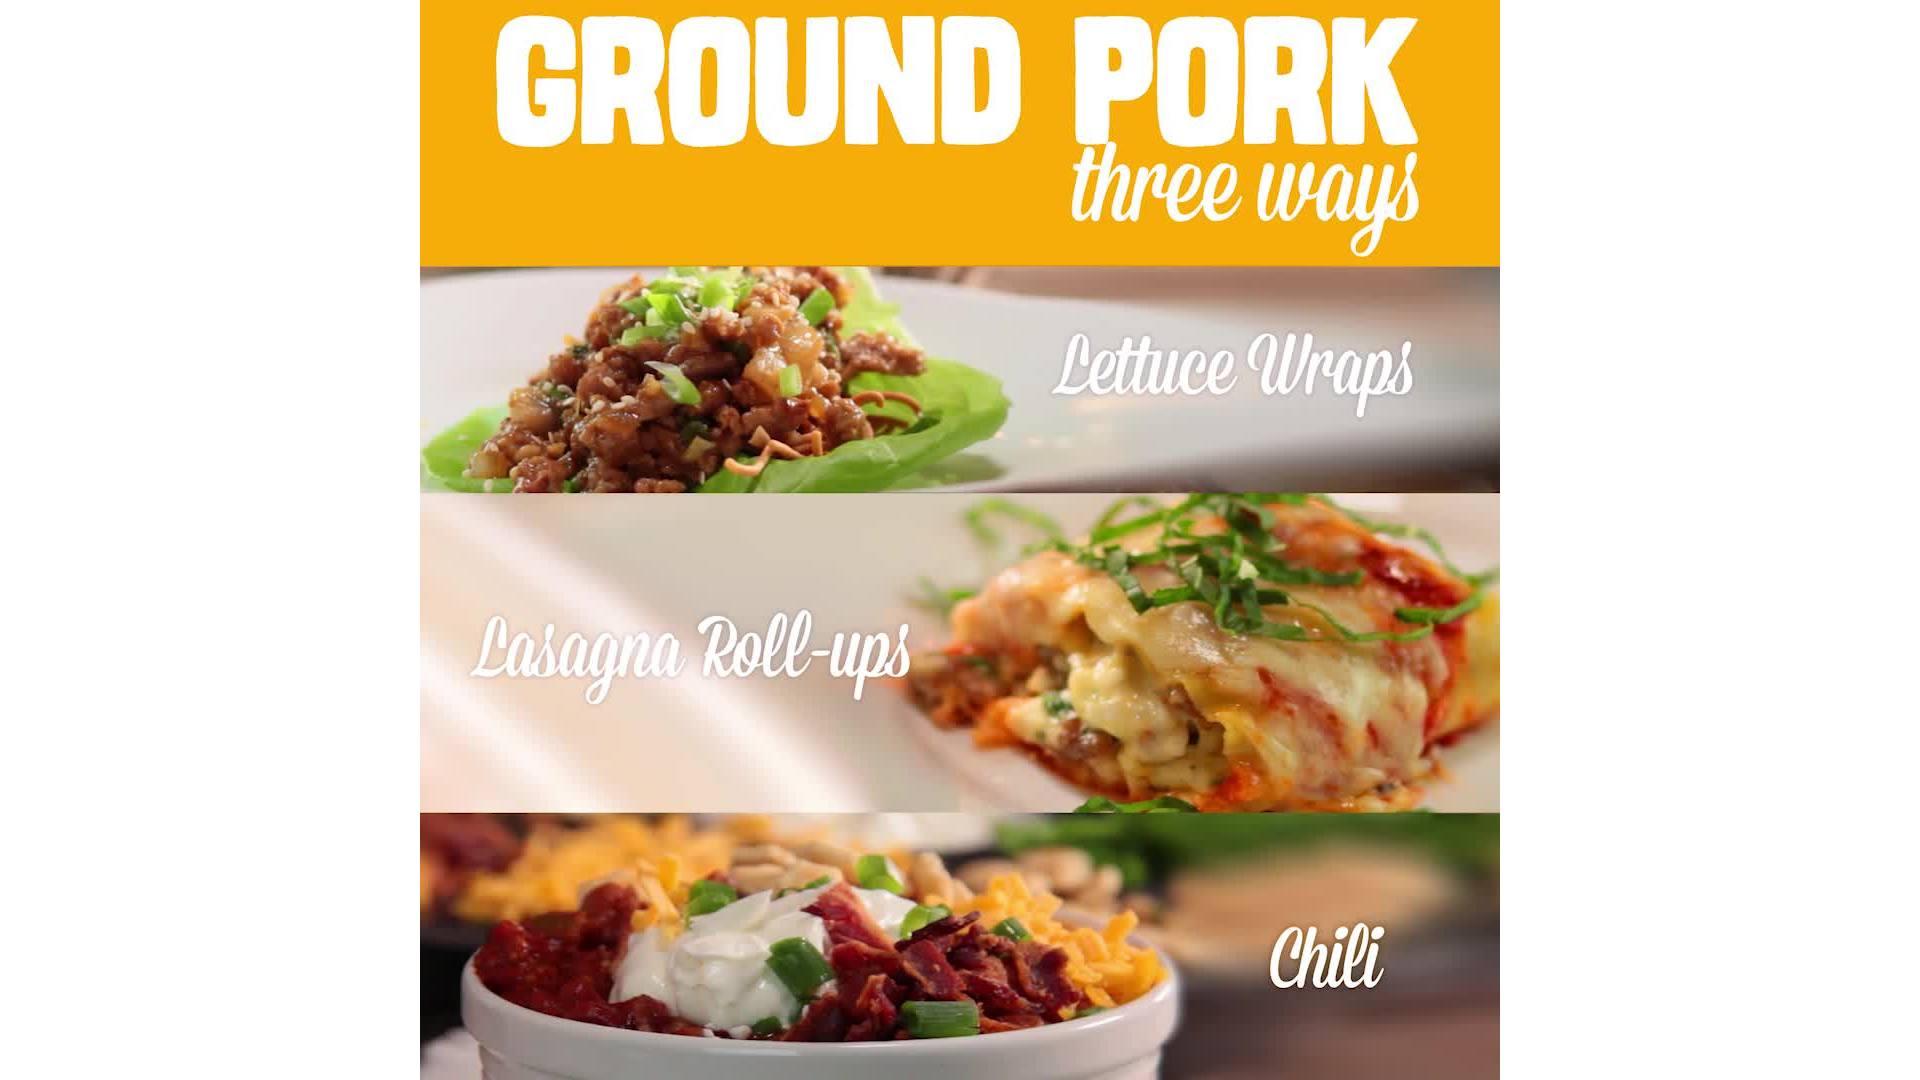 Ground Pork Three Ways